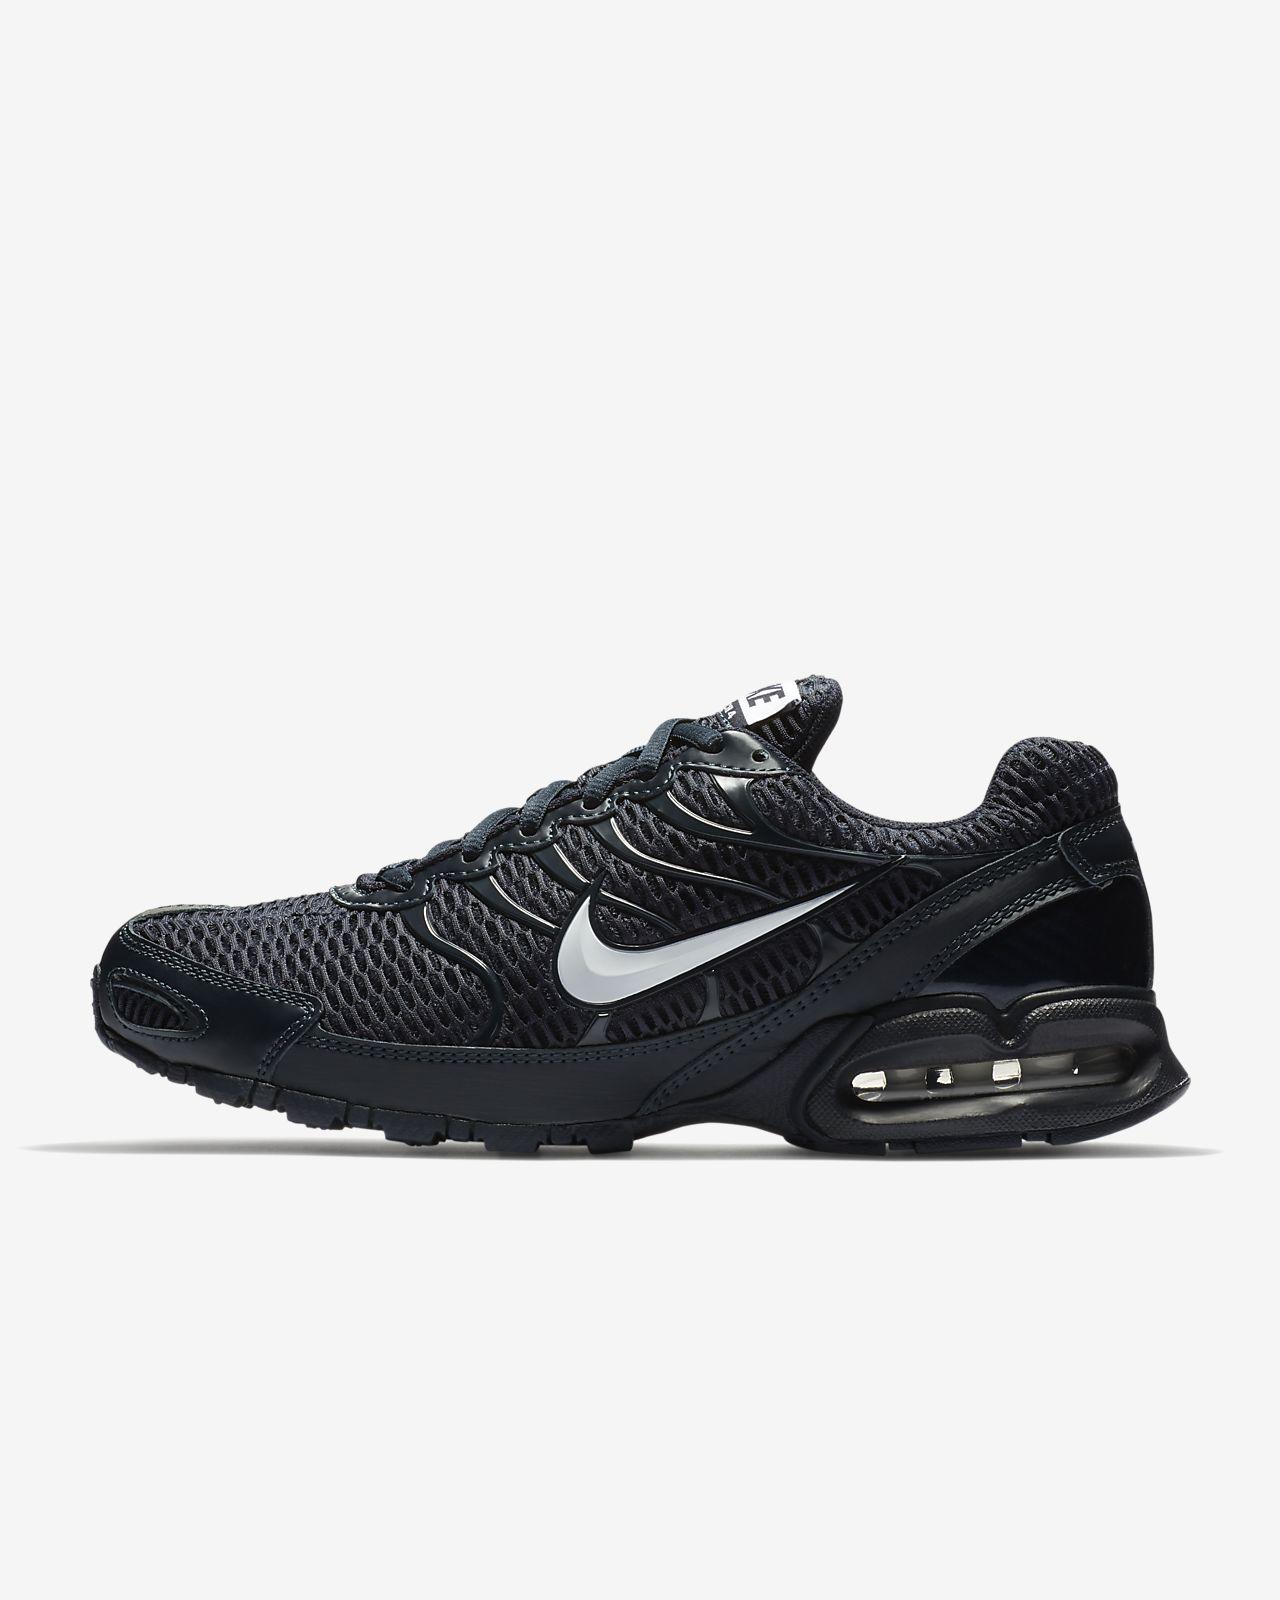 Nike Air Max Torch 4 Hardloopschoen voor heren